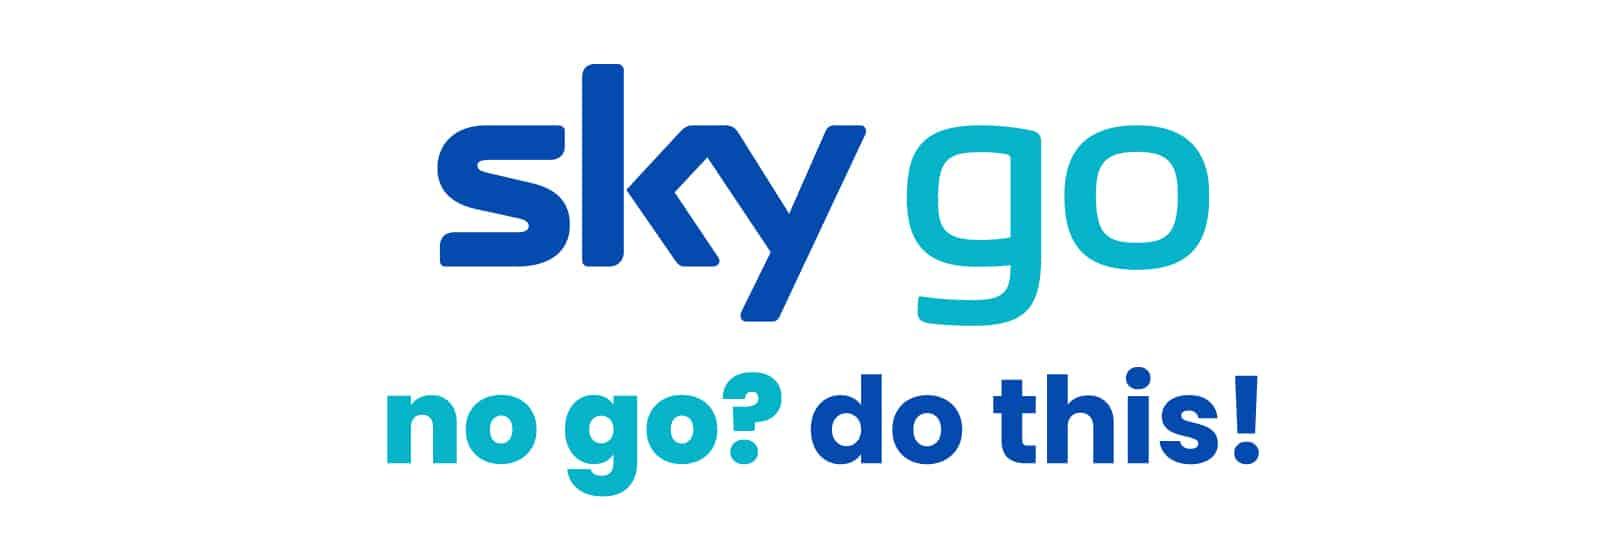 sky-go-app-not-working